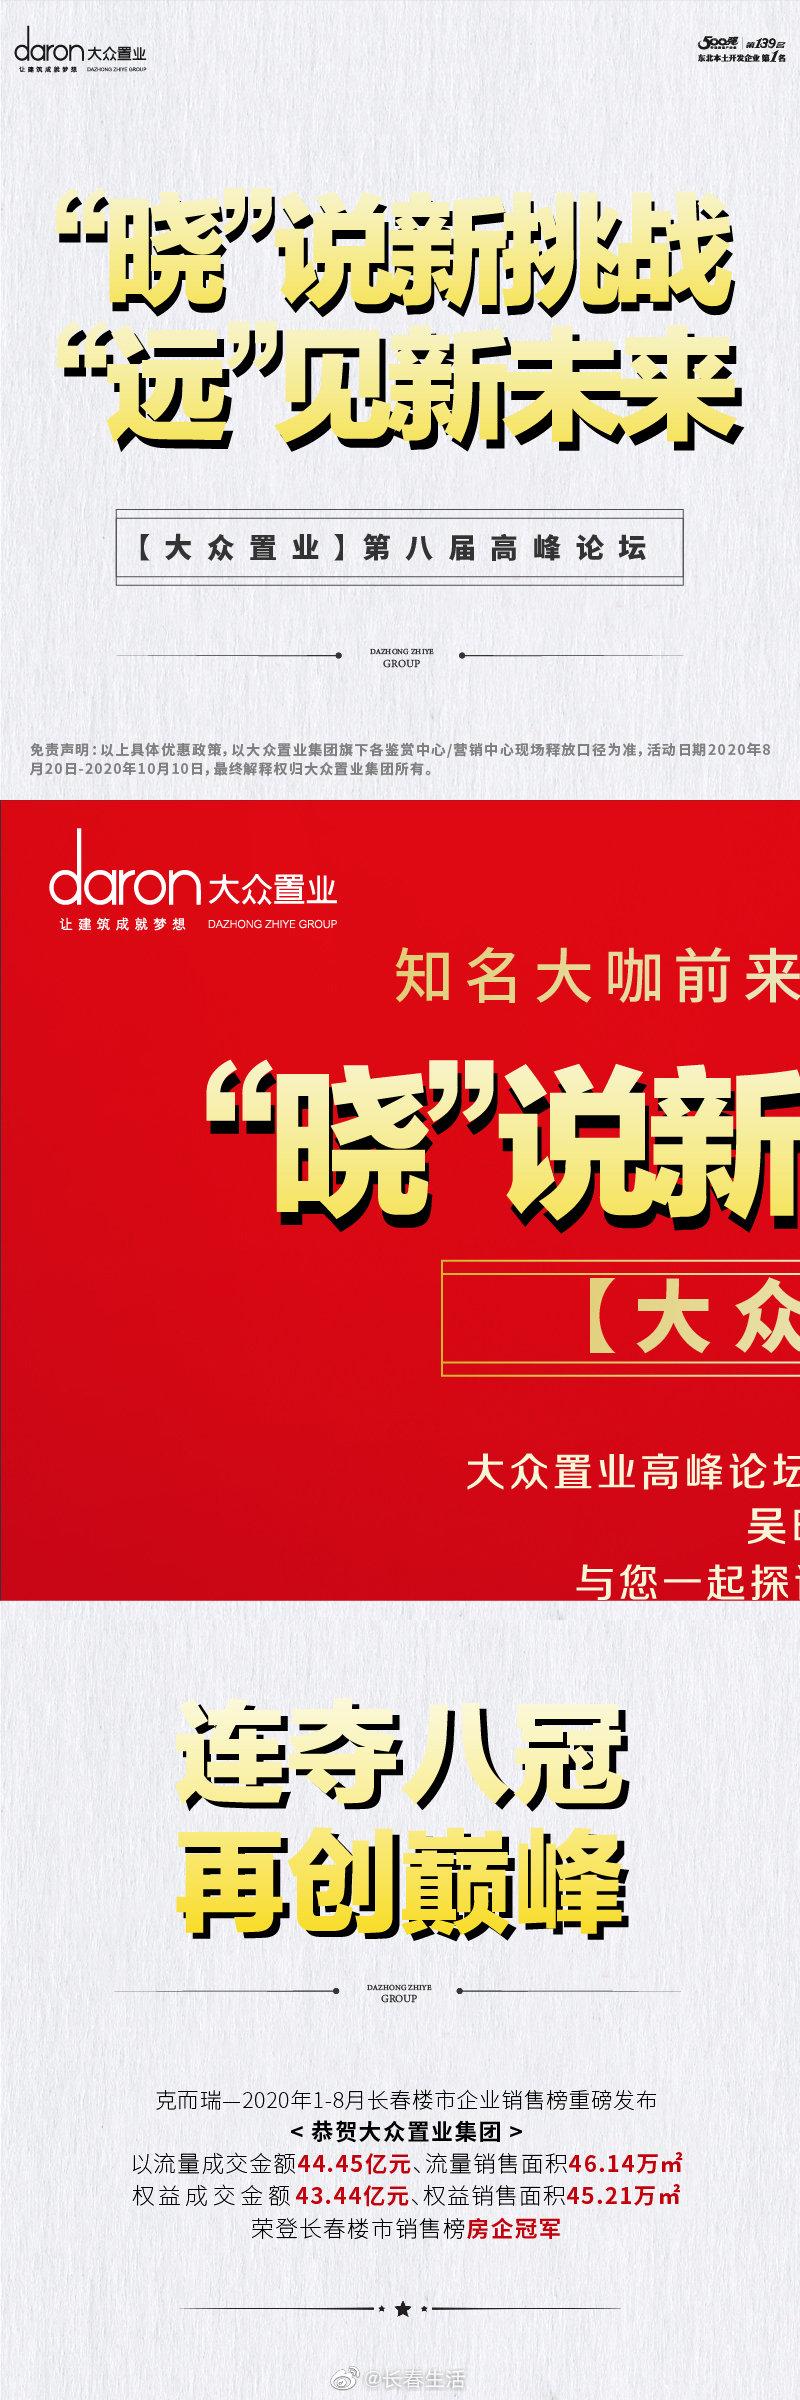 ——与城共荣 誉满华夏——中国房地产业协会主办2020中国房地产企